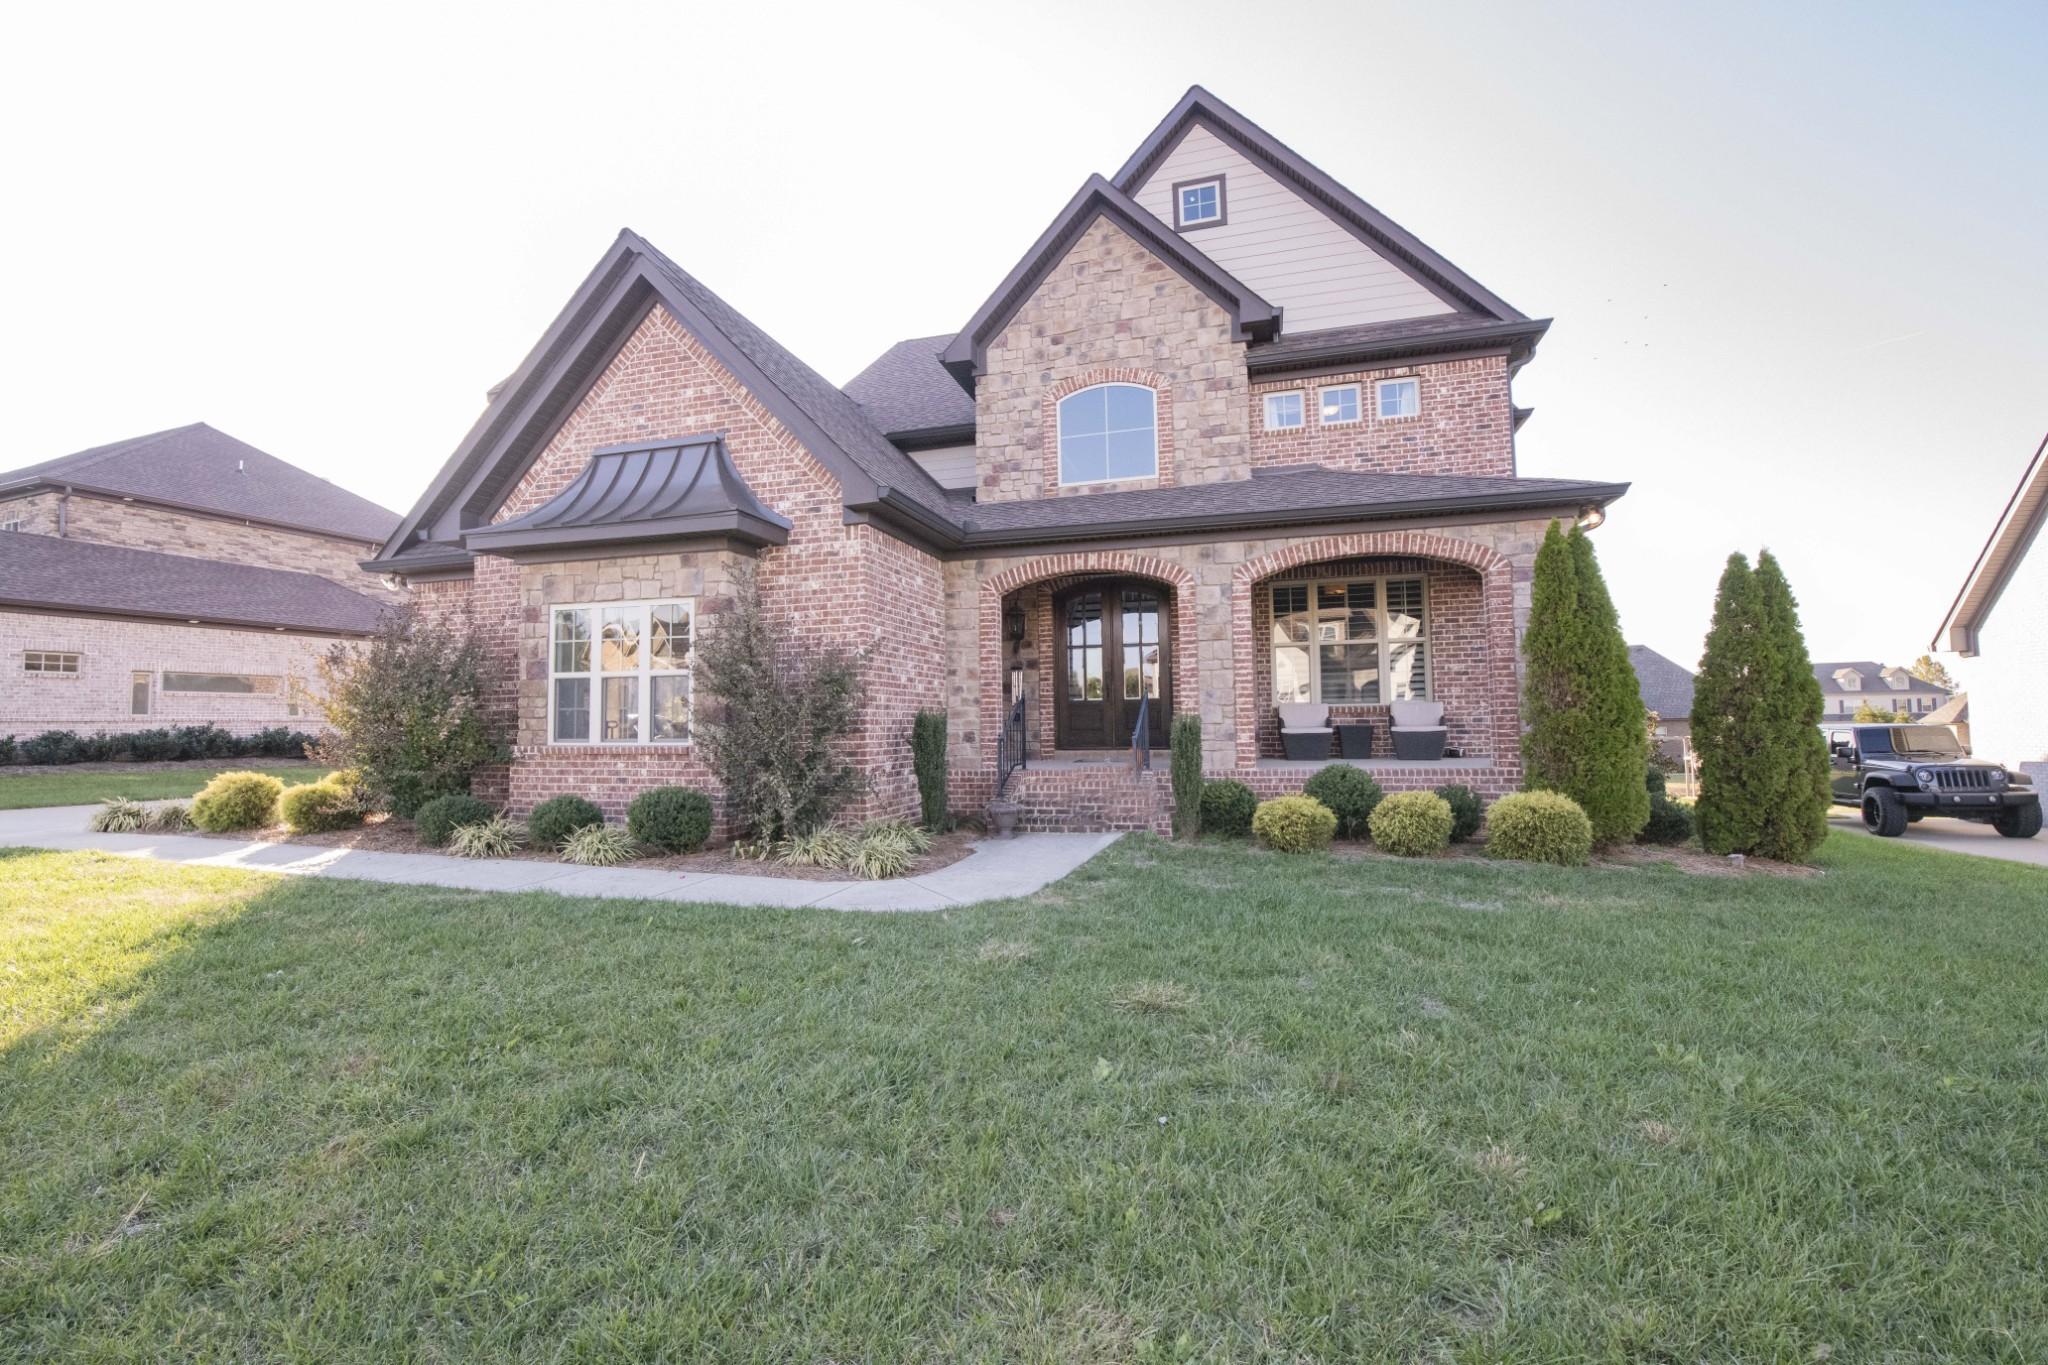 4376 Pretoria Run, Murfreesboro, TN 37128 - Murfreesboro, TN real estate listing